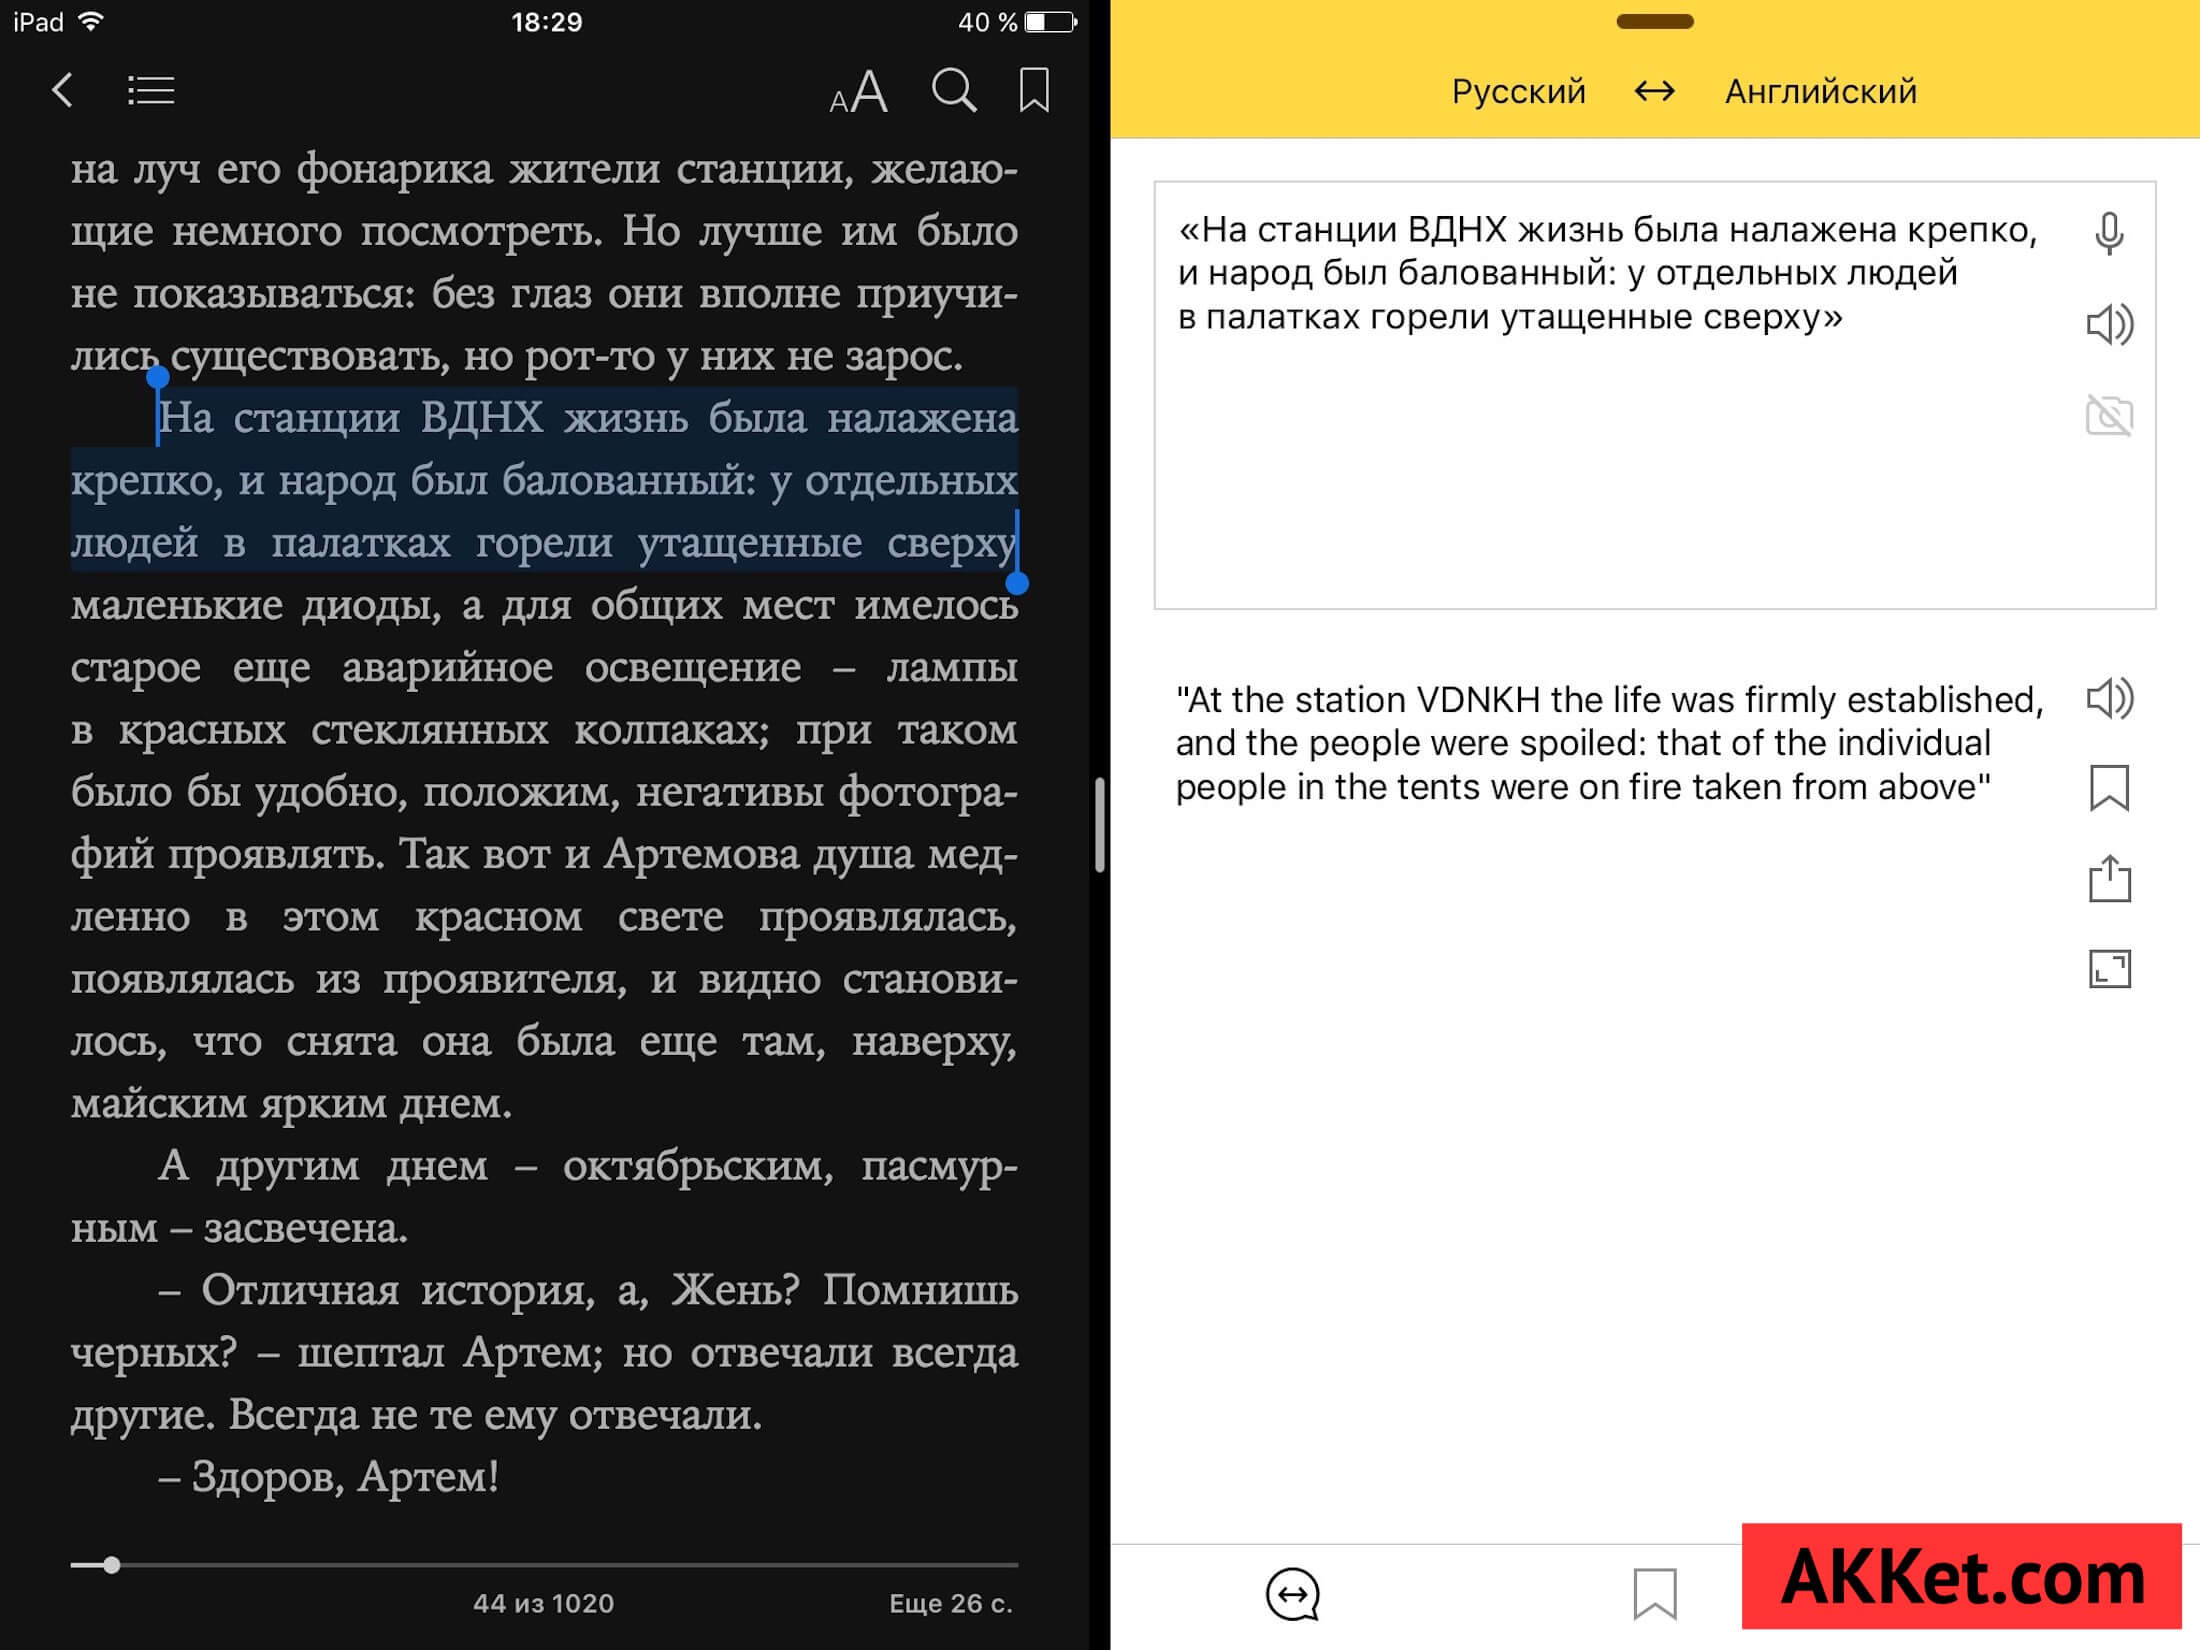 iPad mini 4 Full Review russia 2